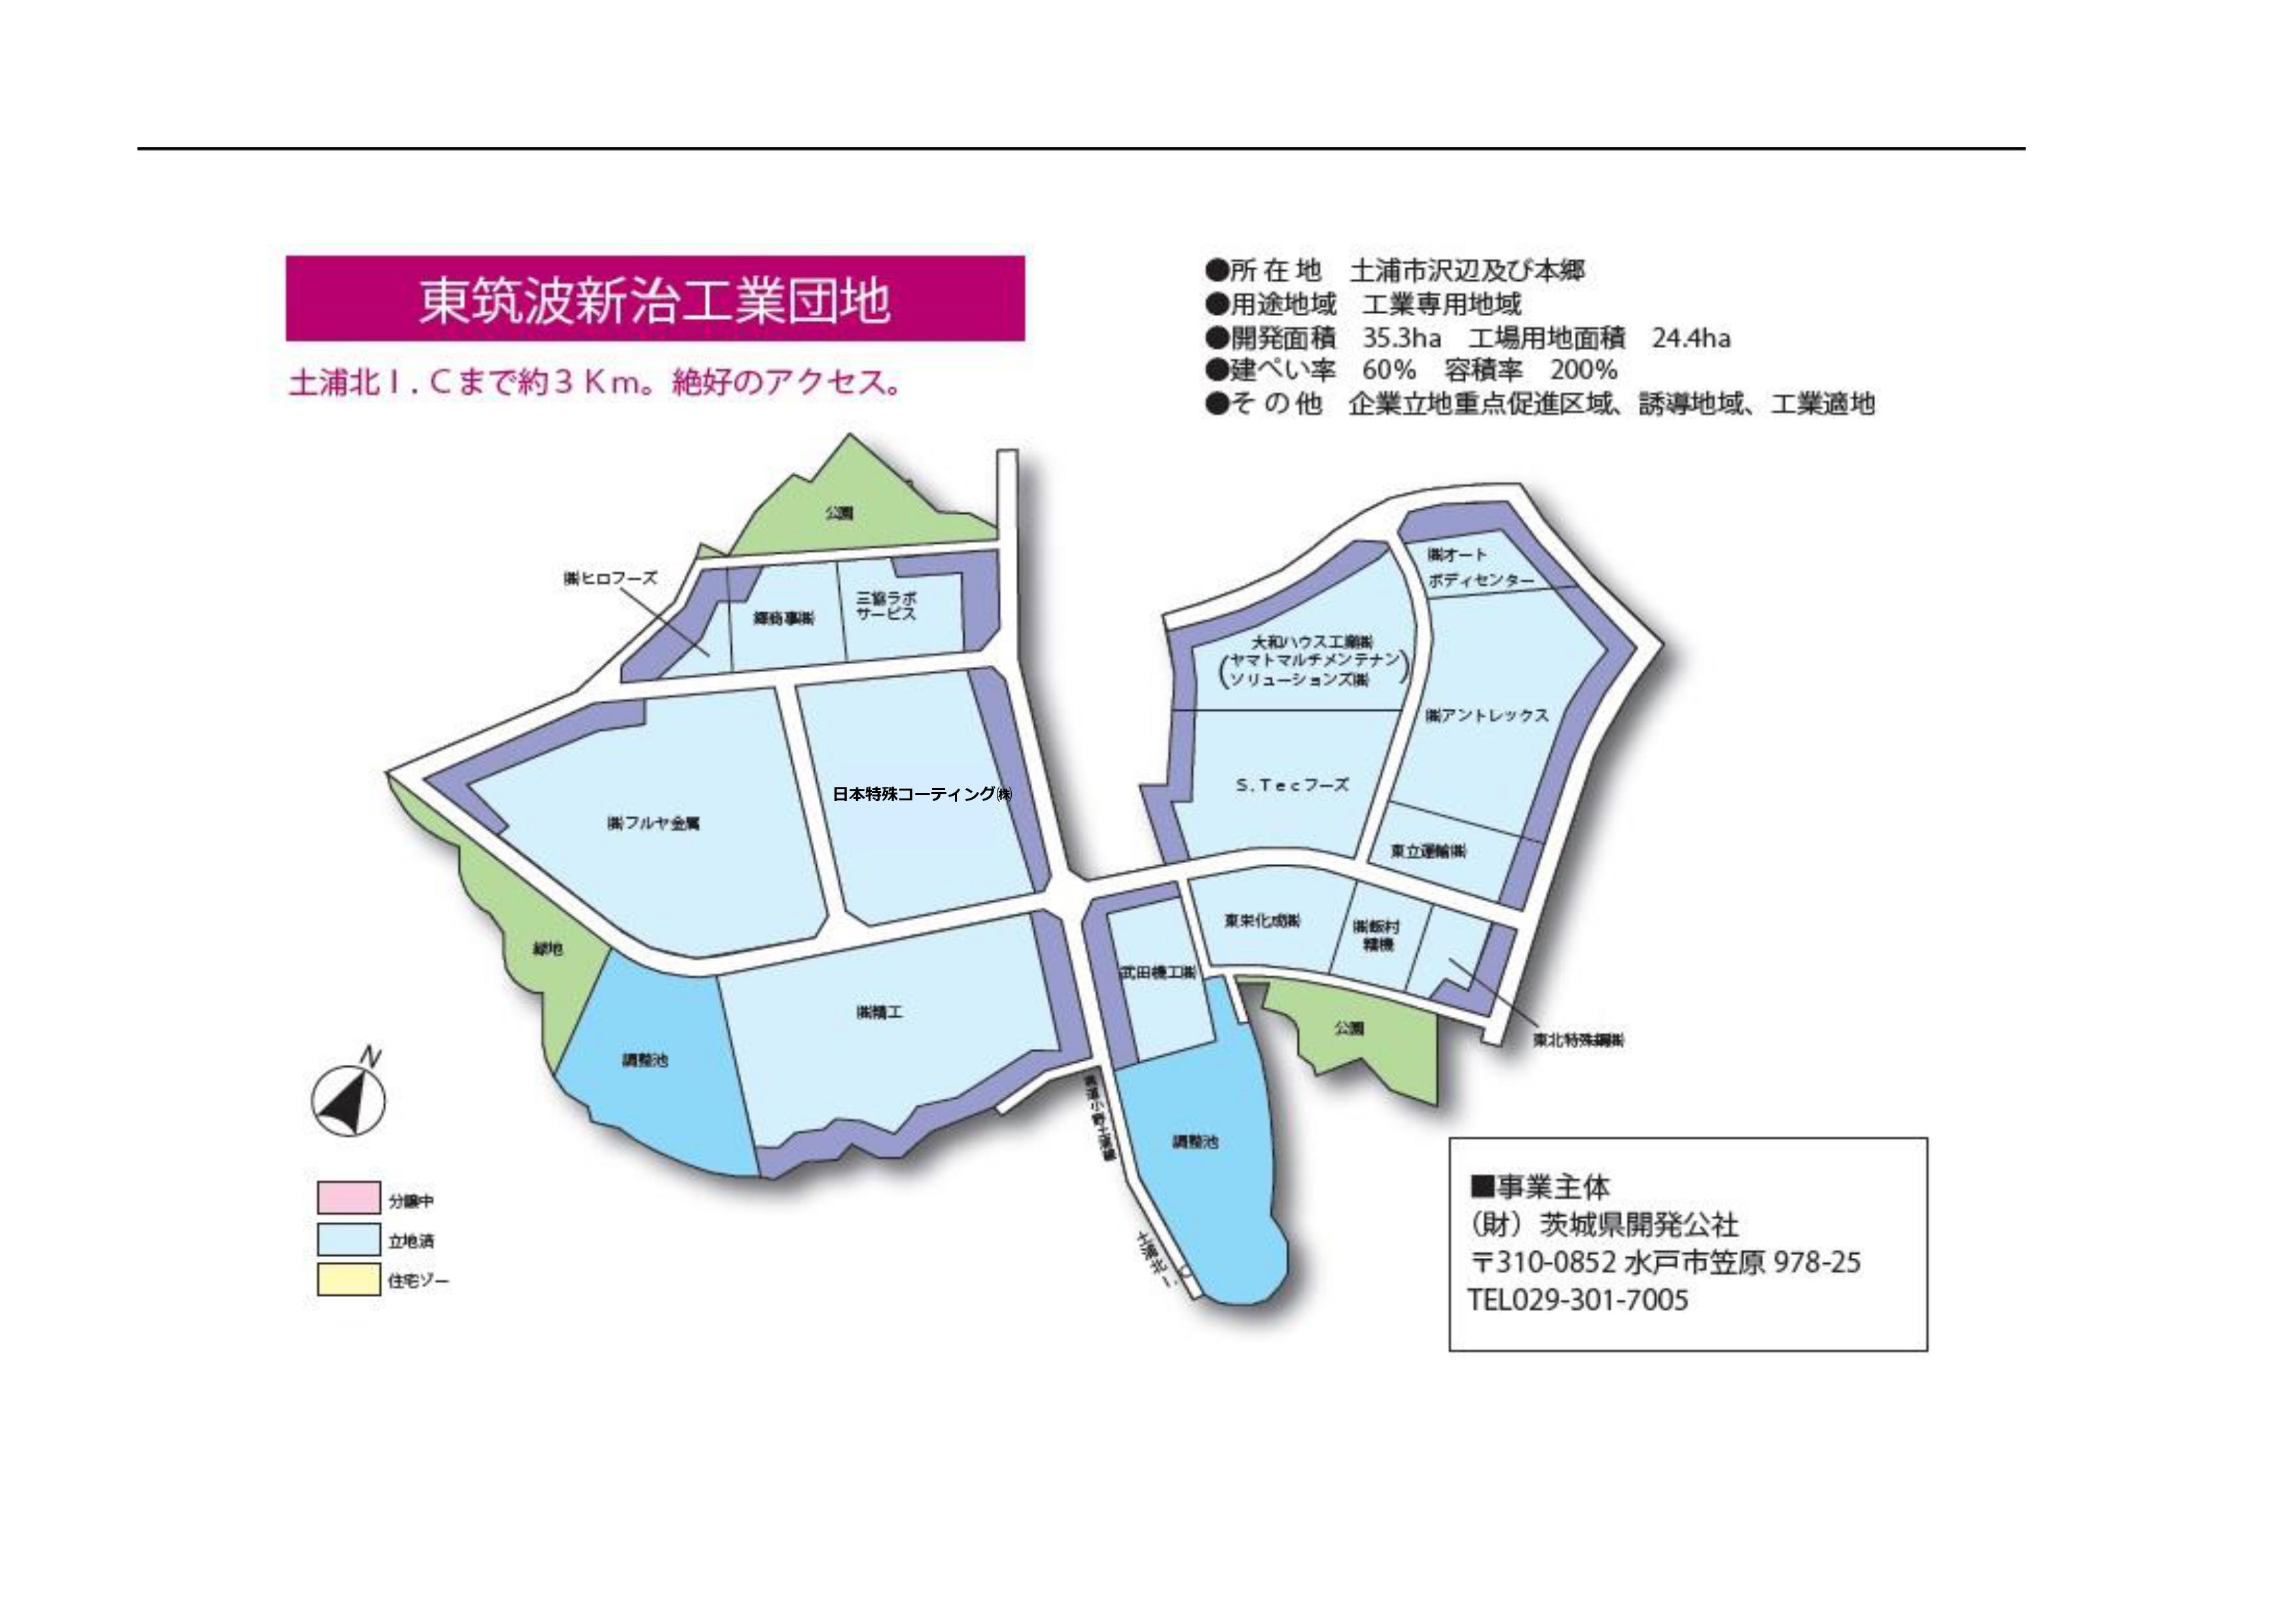 東筑波新治工業団地地図